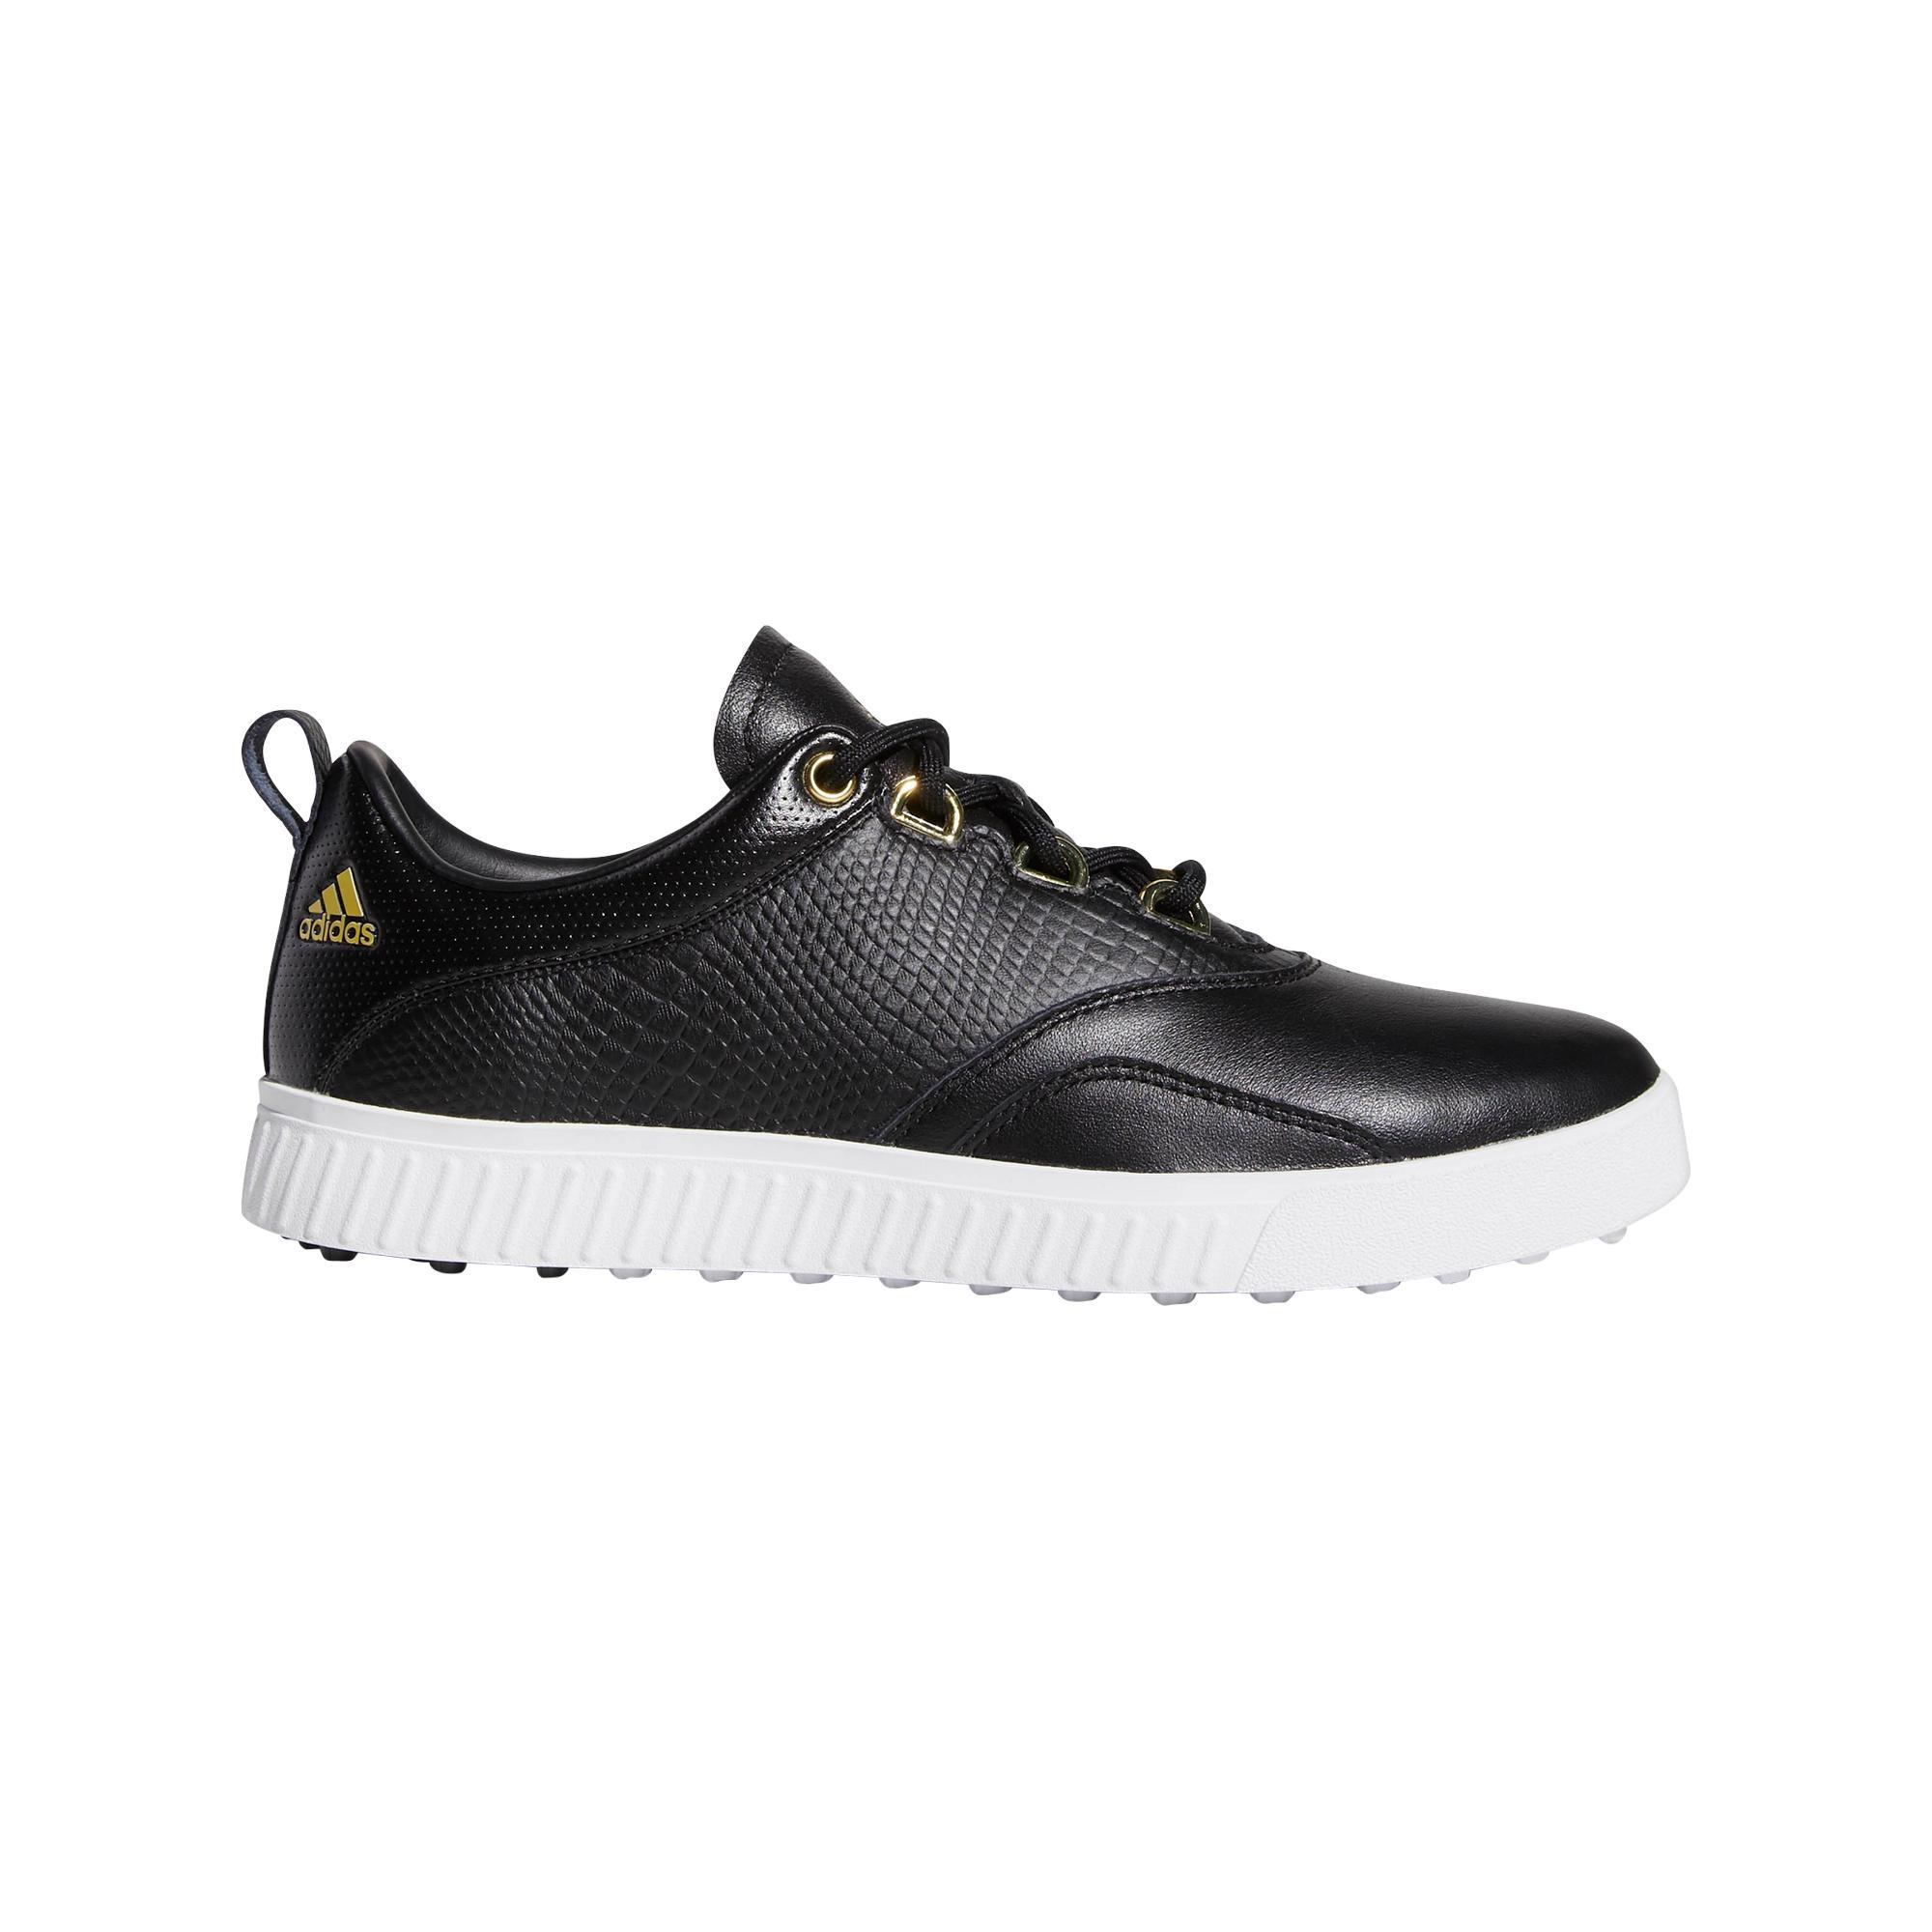 Chaussures Adicross PPF sans crampons pour femmes – Noir